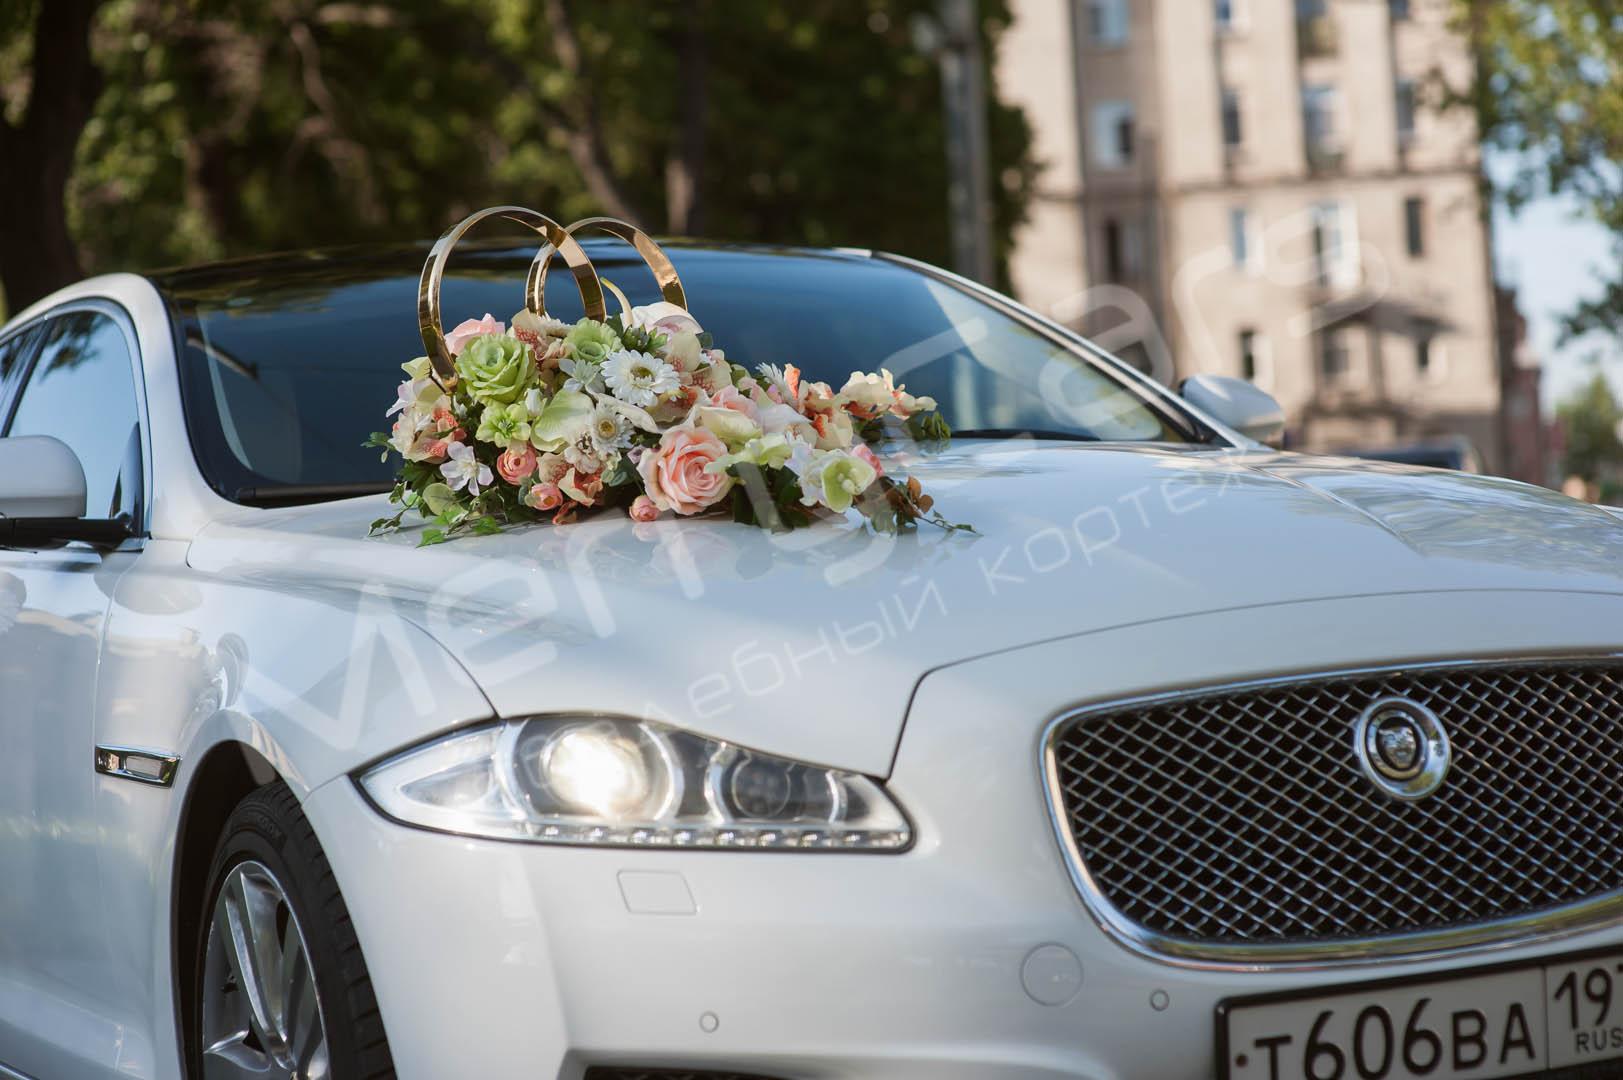 Аренда свадебных автомобилей в с петербурге сколько стоит аренда автомобиля на пхукете